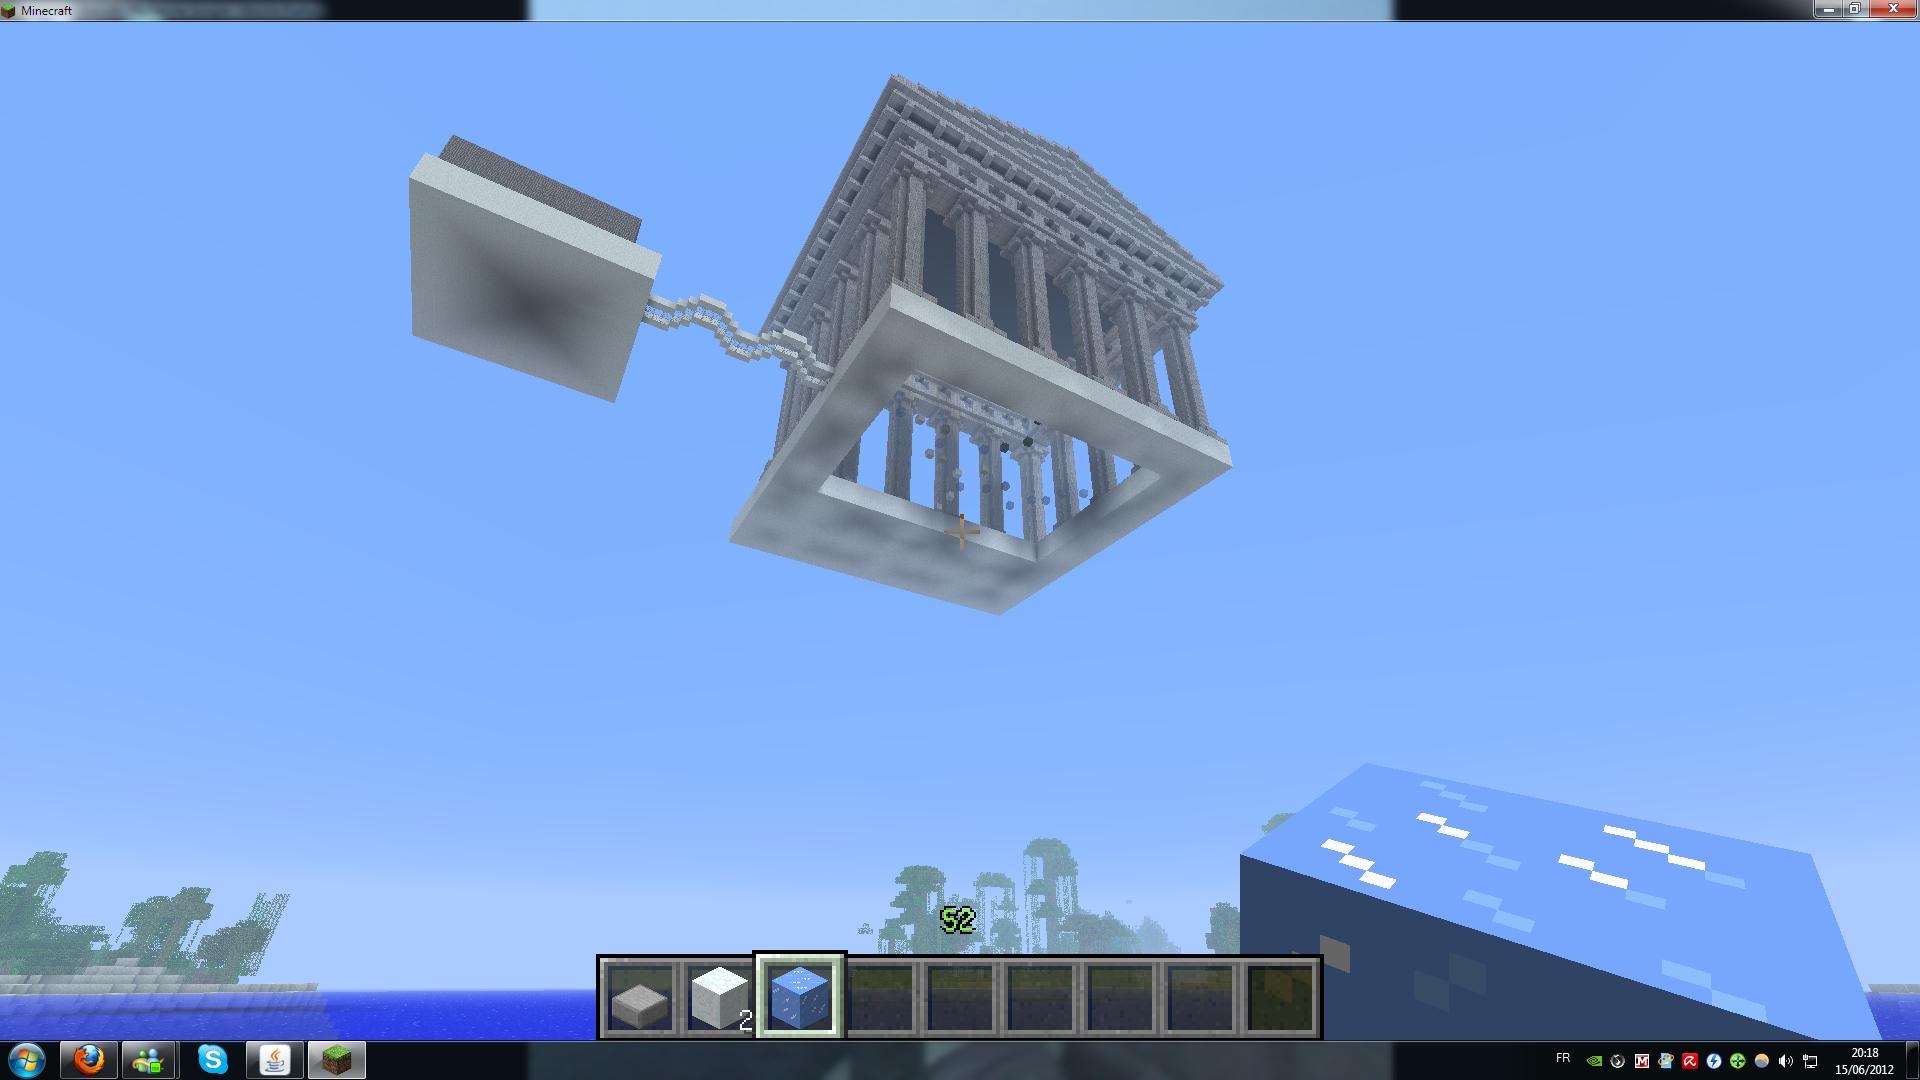 Minecraft la construction du si cle sur le forum blabla 15 18 ans 15 06 2 - Video minecraft construction ...